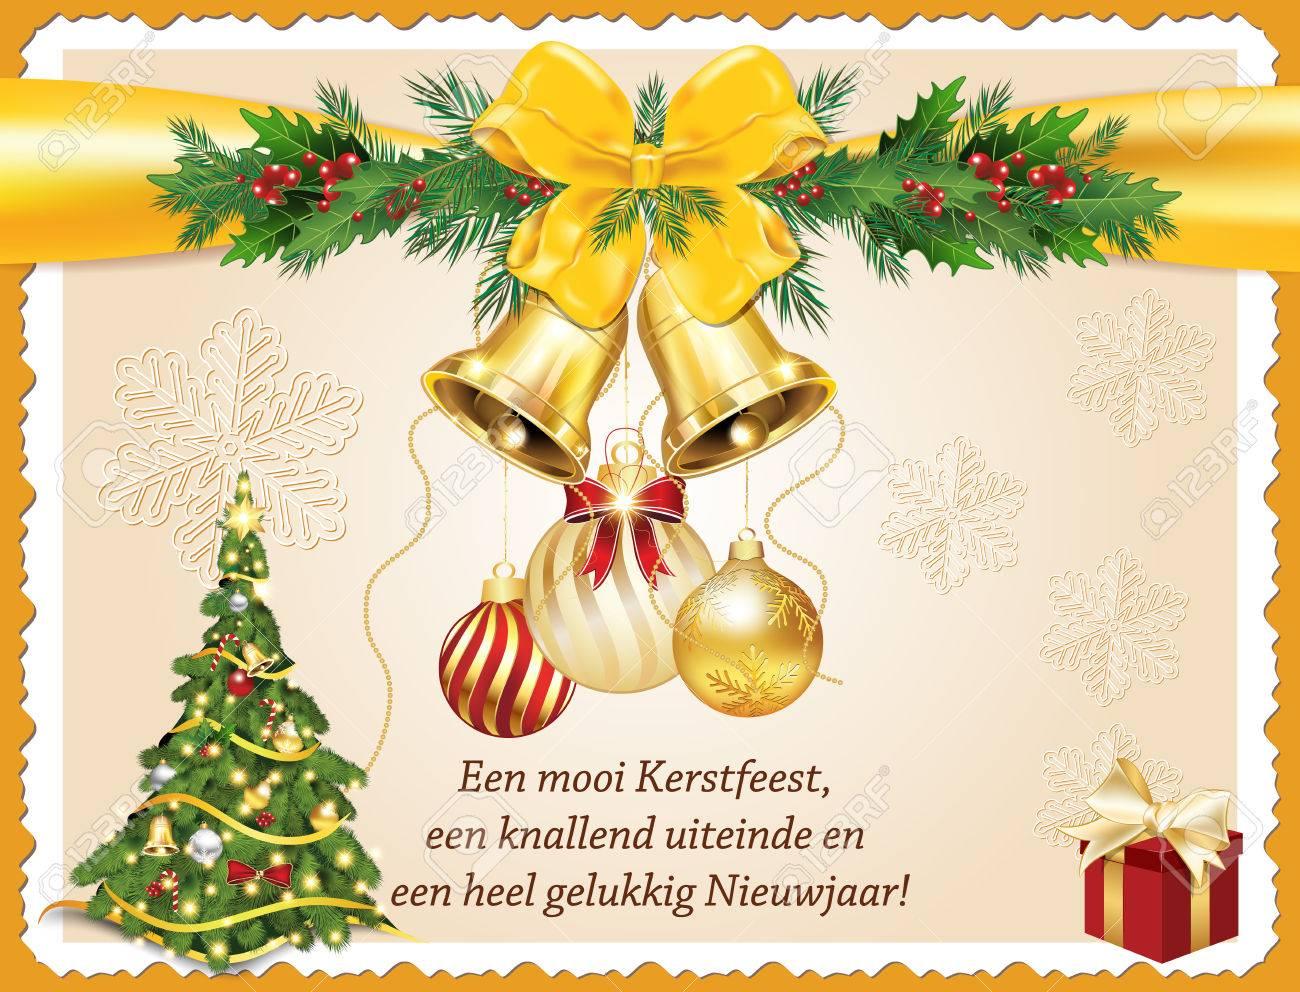 Cartao Holandes Traducao De Texto Desejando Lhe Umas Belas